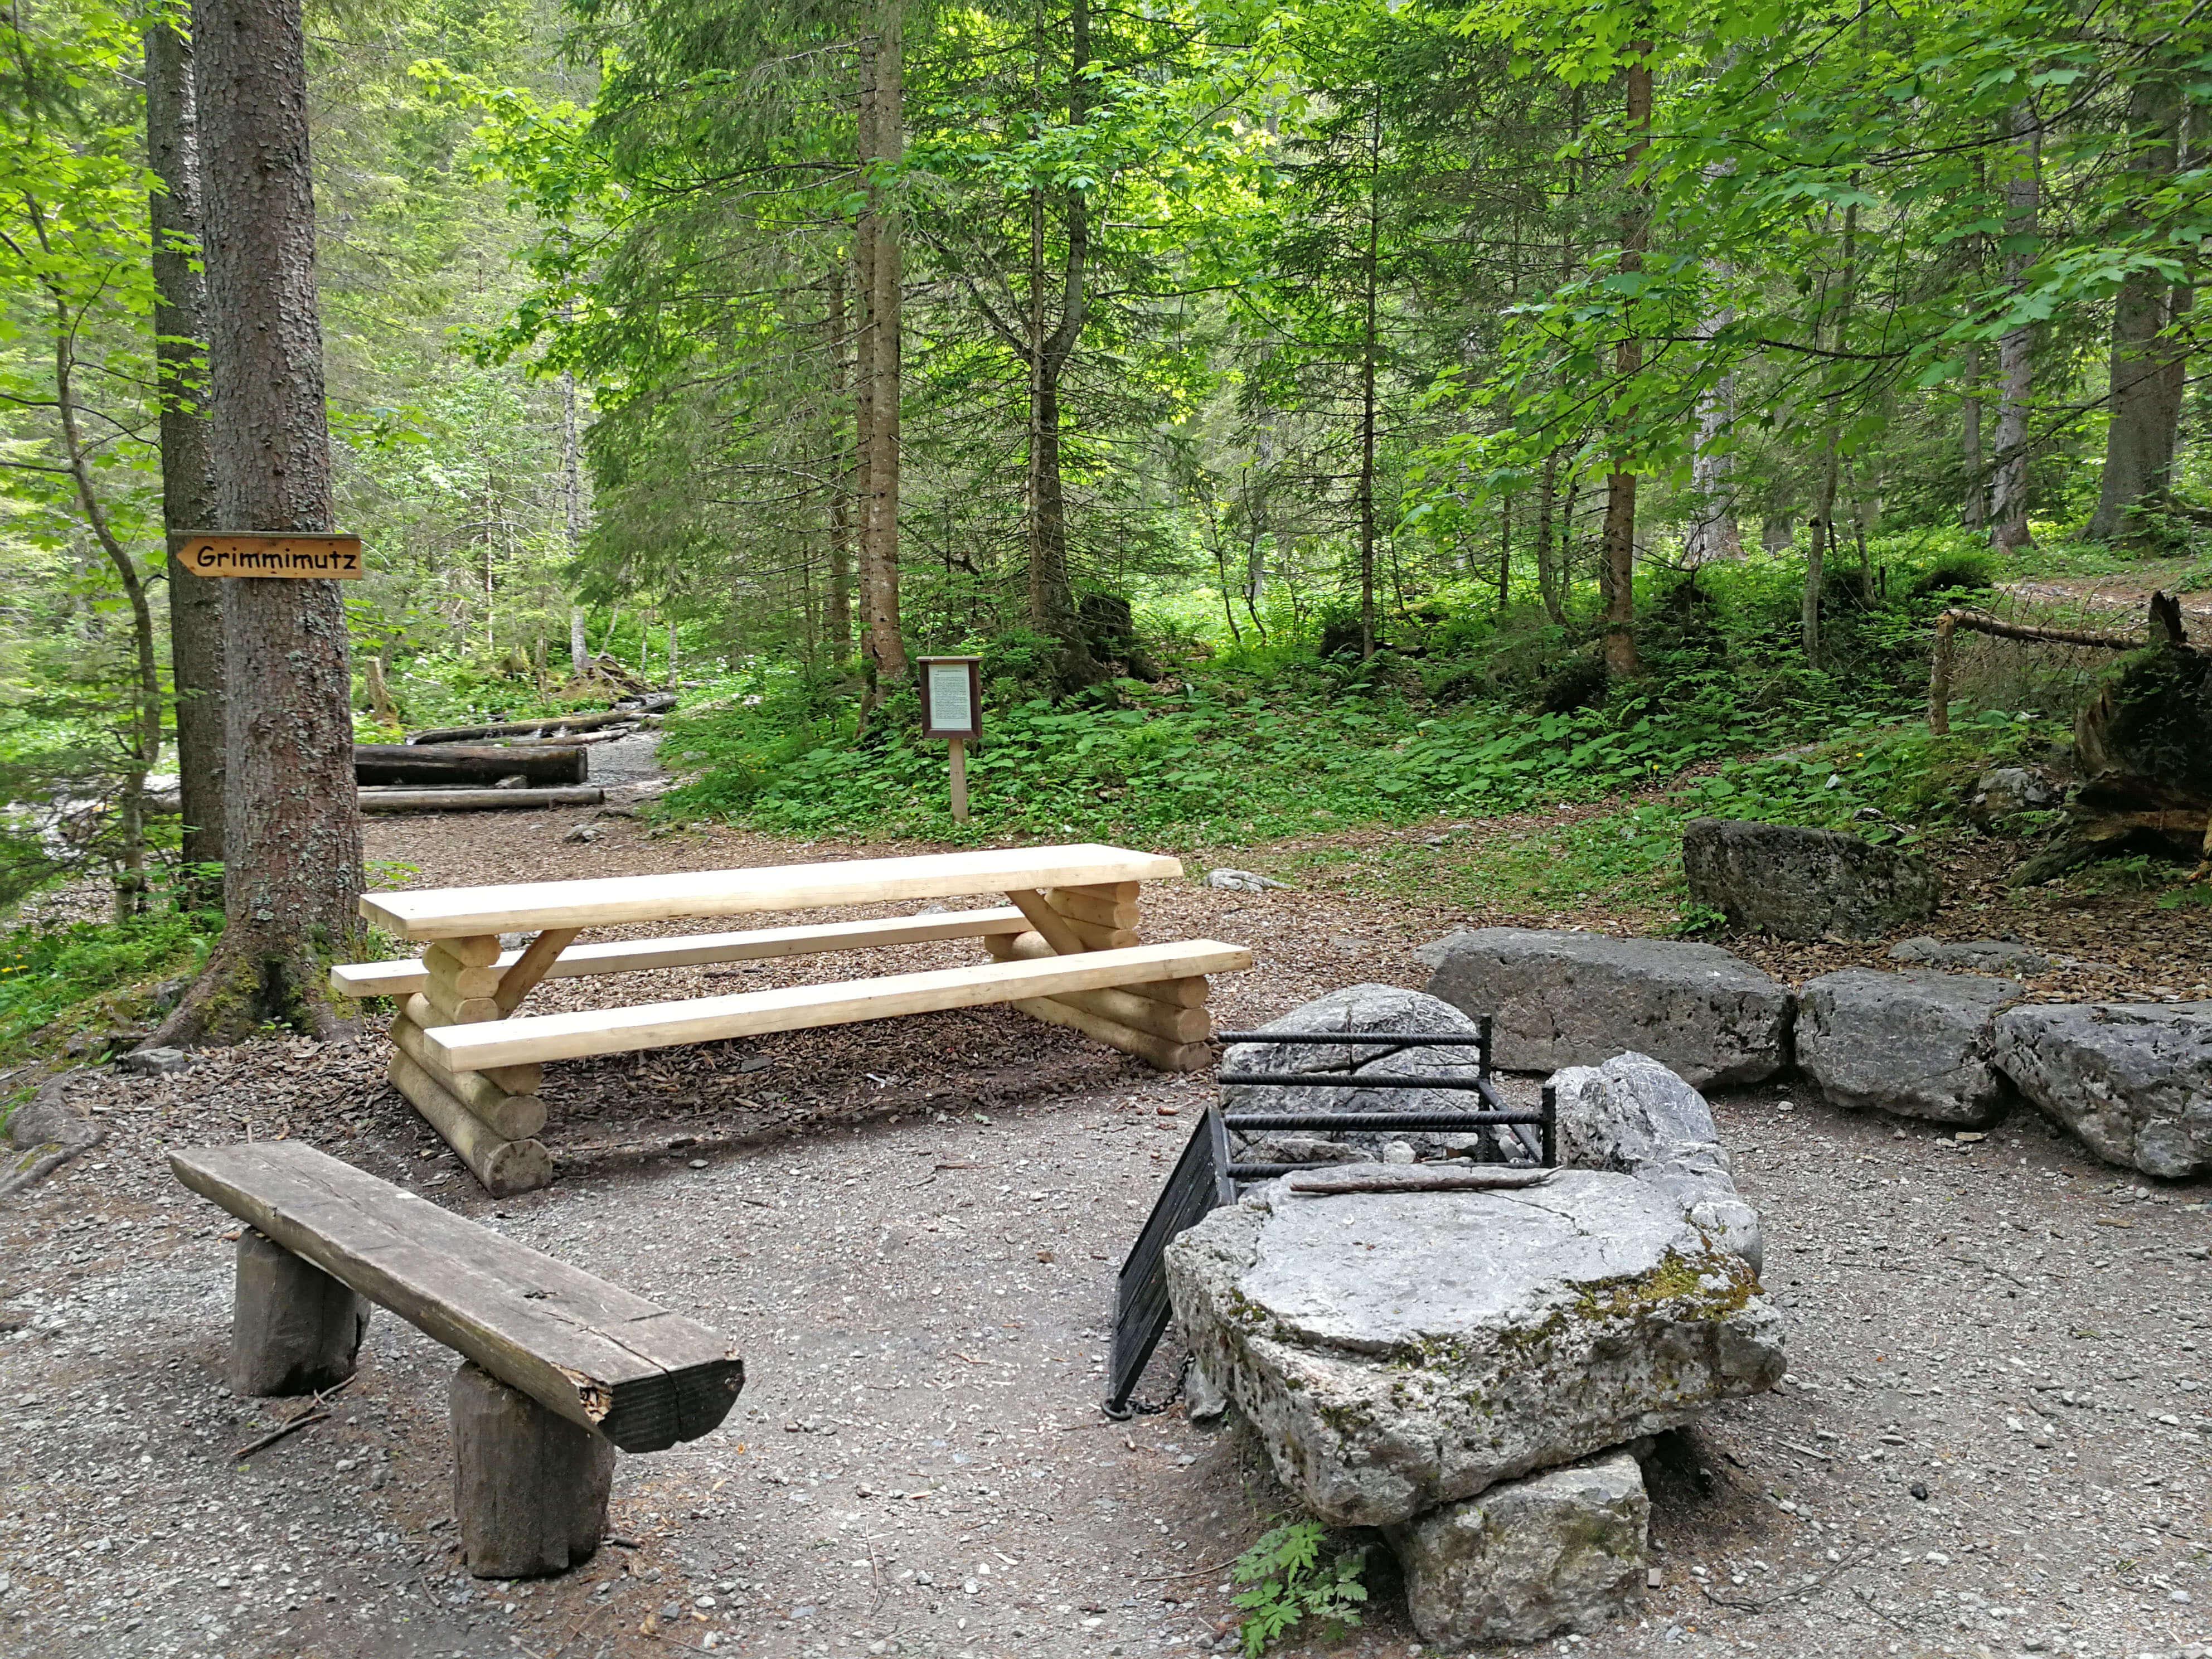 Tisch und Bänke befinden sich direkt bei der Feuerstelle